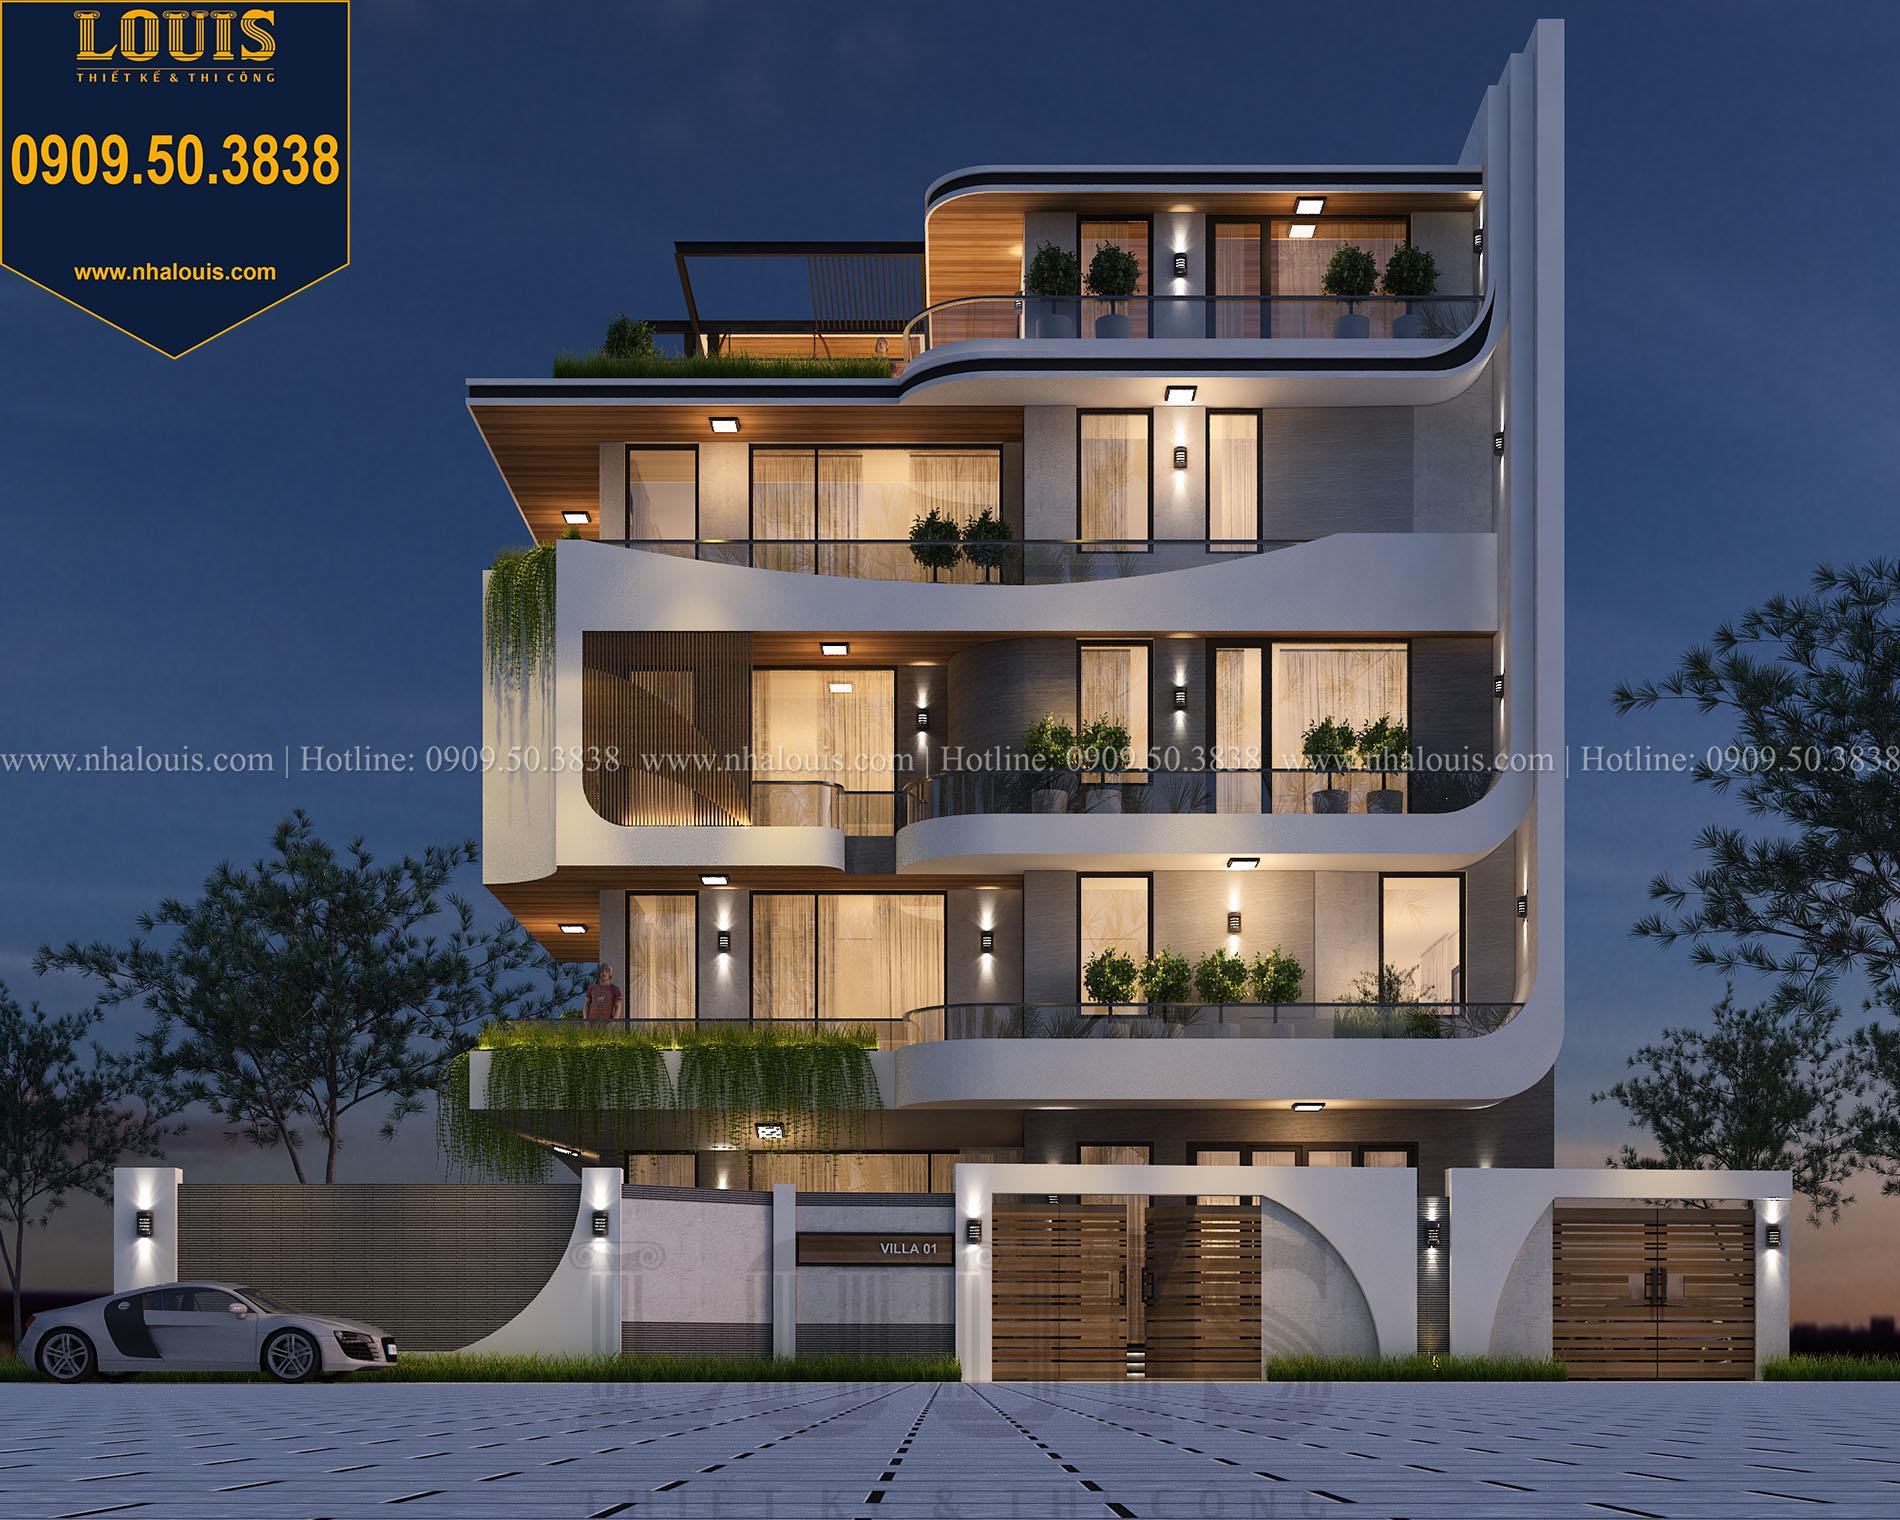 Mặt tiền Thiết kế biệt thự 5 tầng hiện đại đẹp lung linh tại Nha Trang - 002